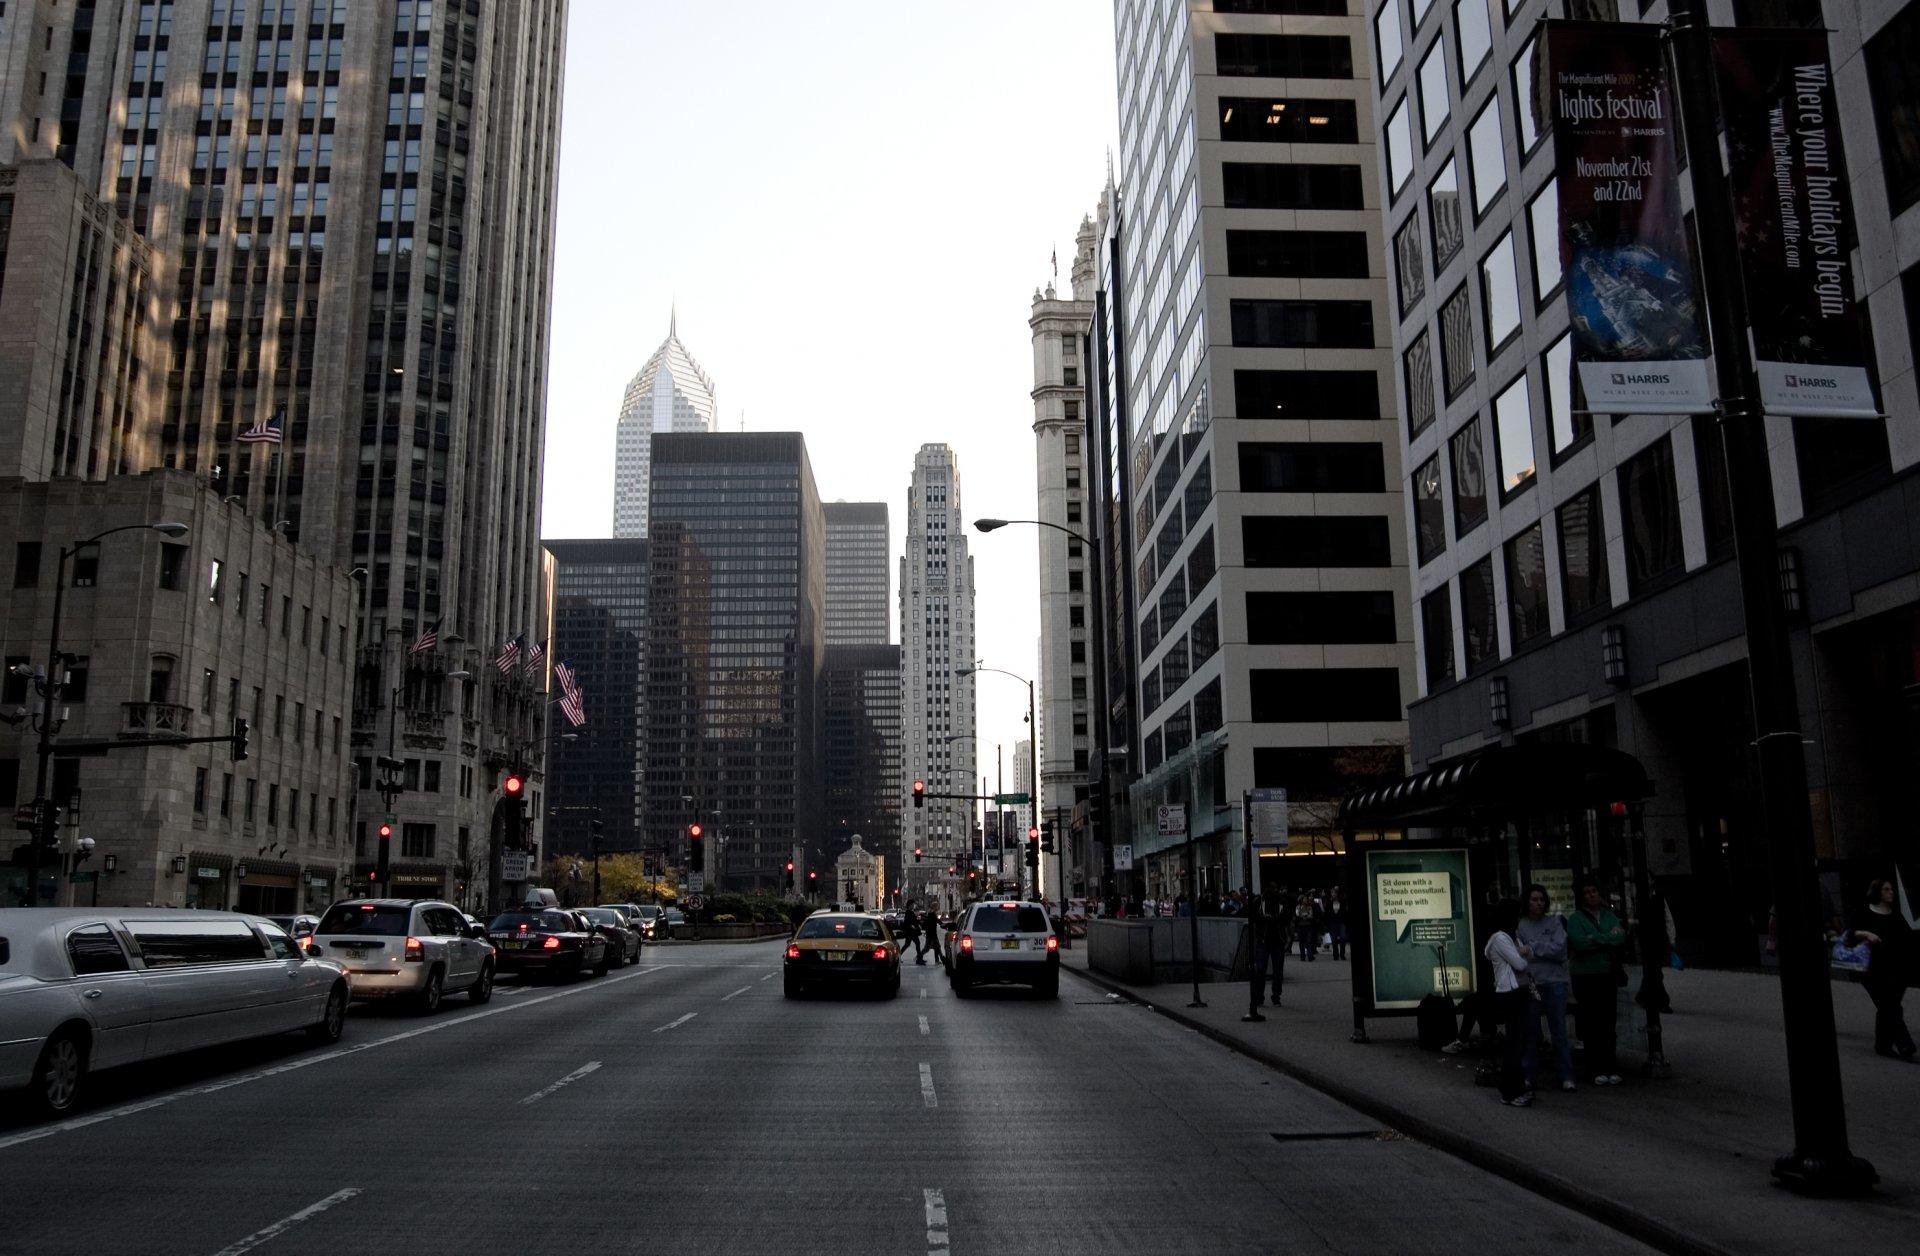 ходе лечения фото американских улиц дали эксгумировали ночь